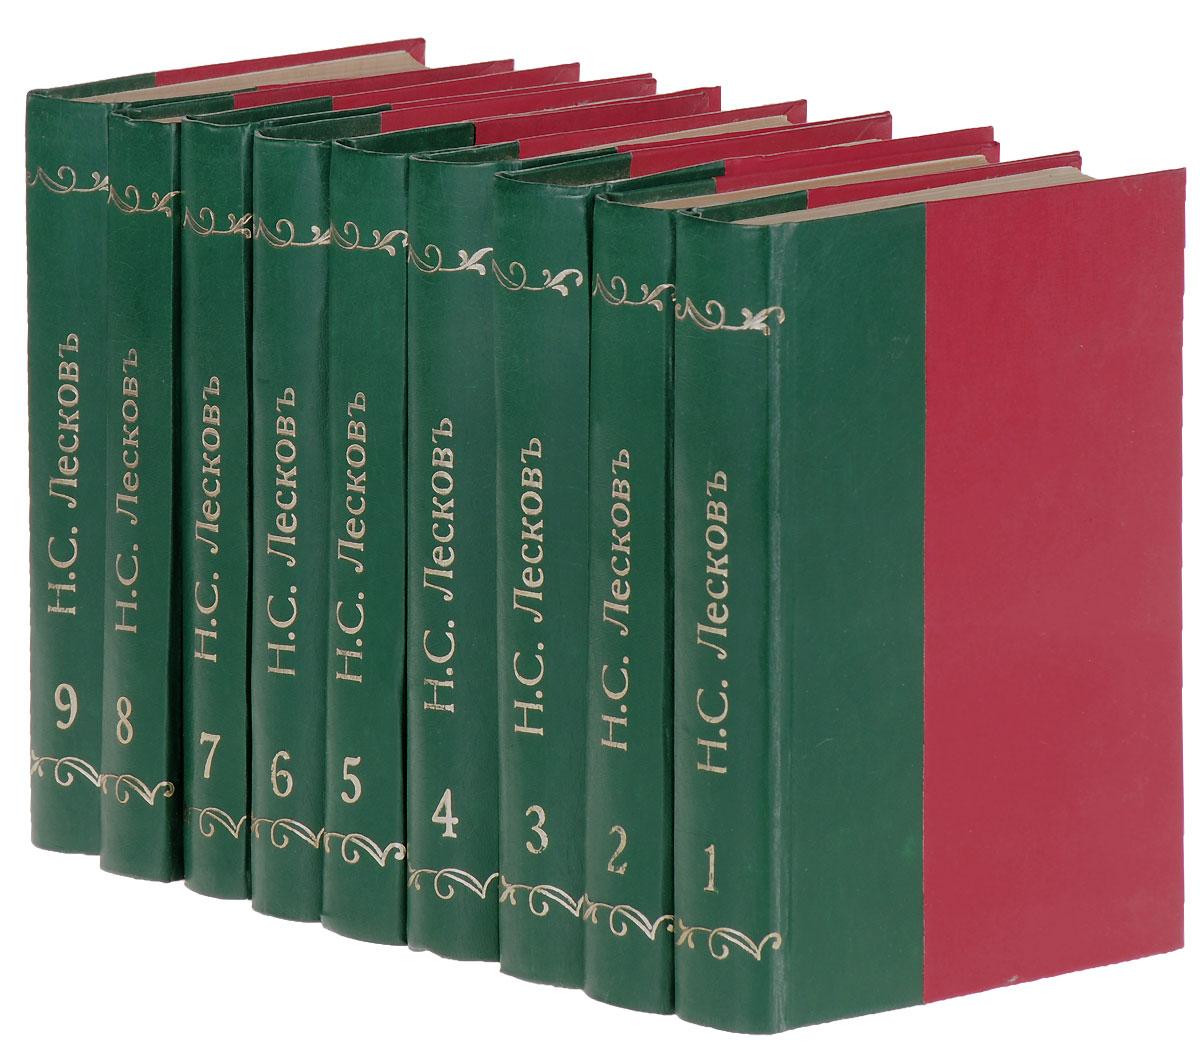 Полное собрание сочинений Н.С. Лескова в 36 томах (комплект из 9 книг)ВК707С содержанием книги вы можете ознакомиться на дополнительном изображении.